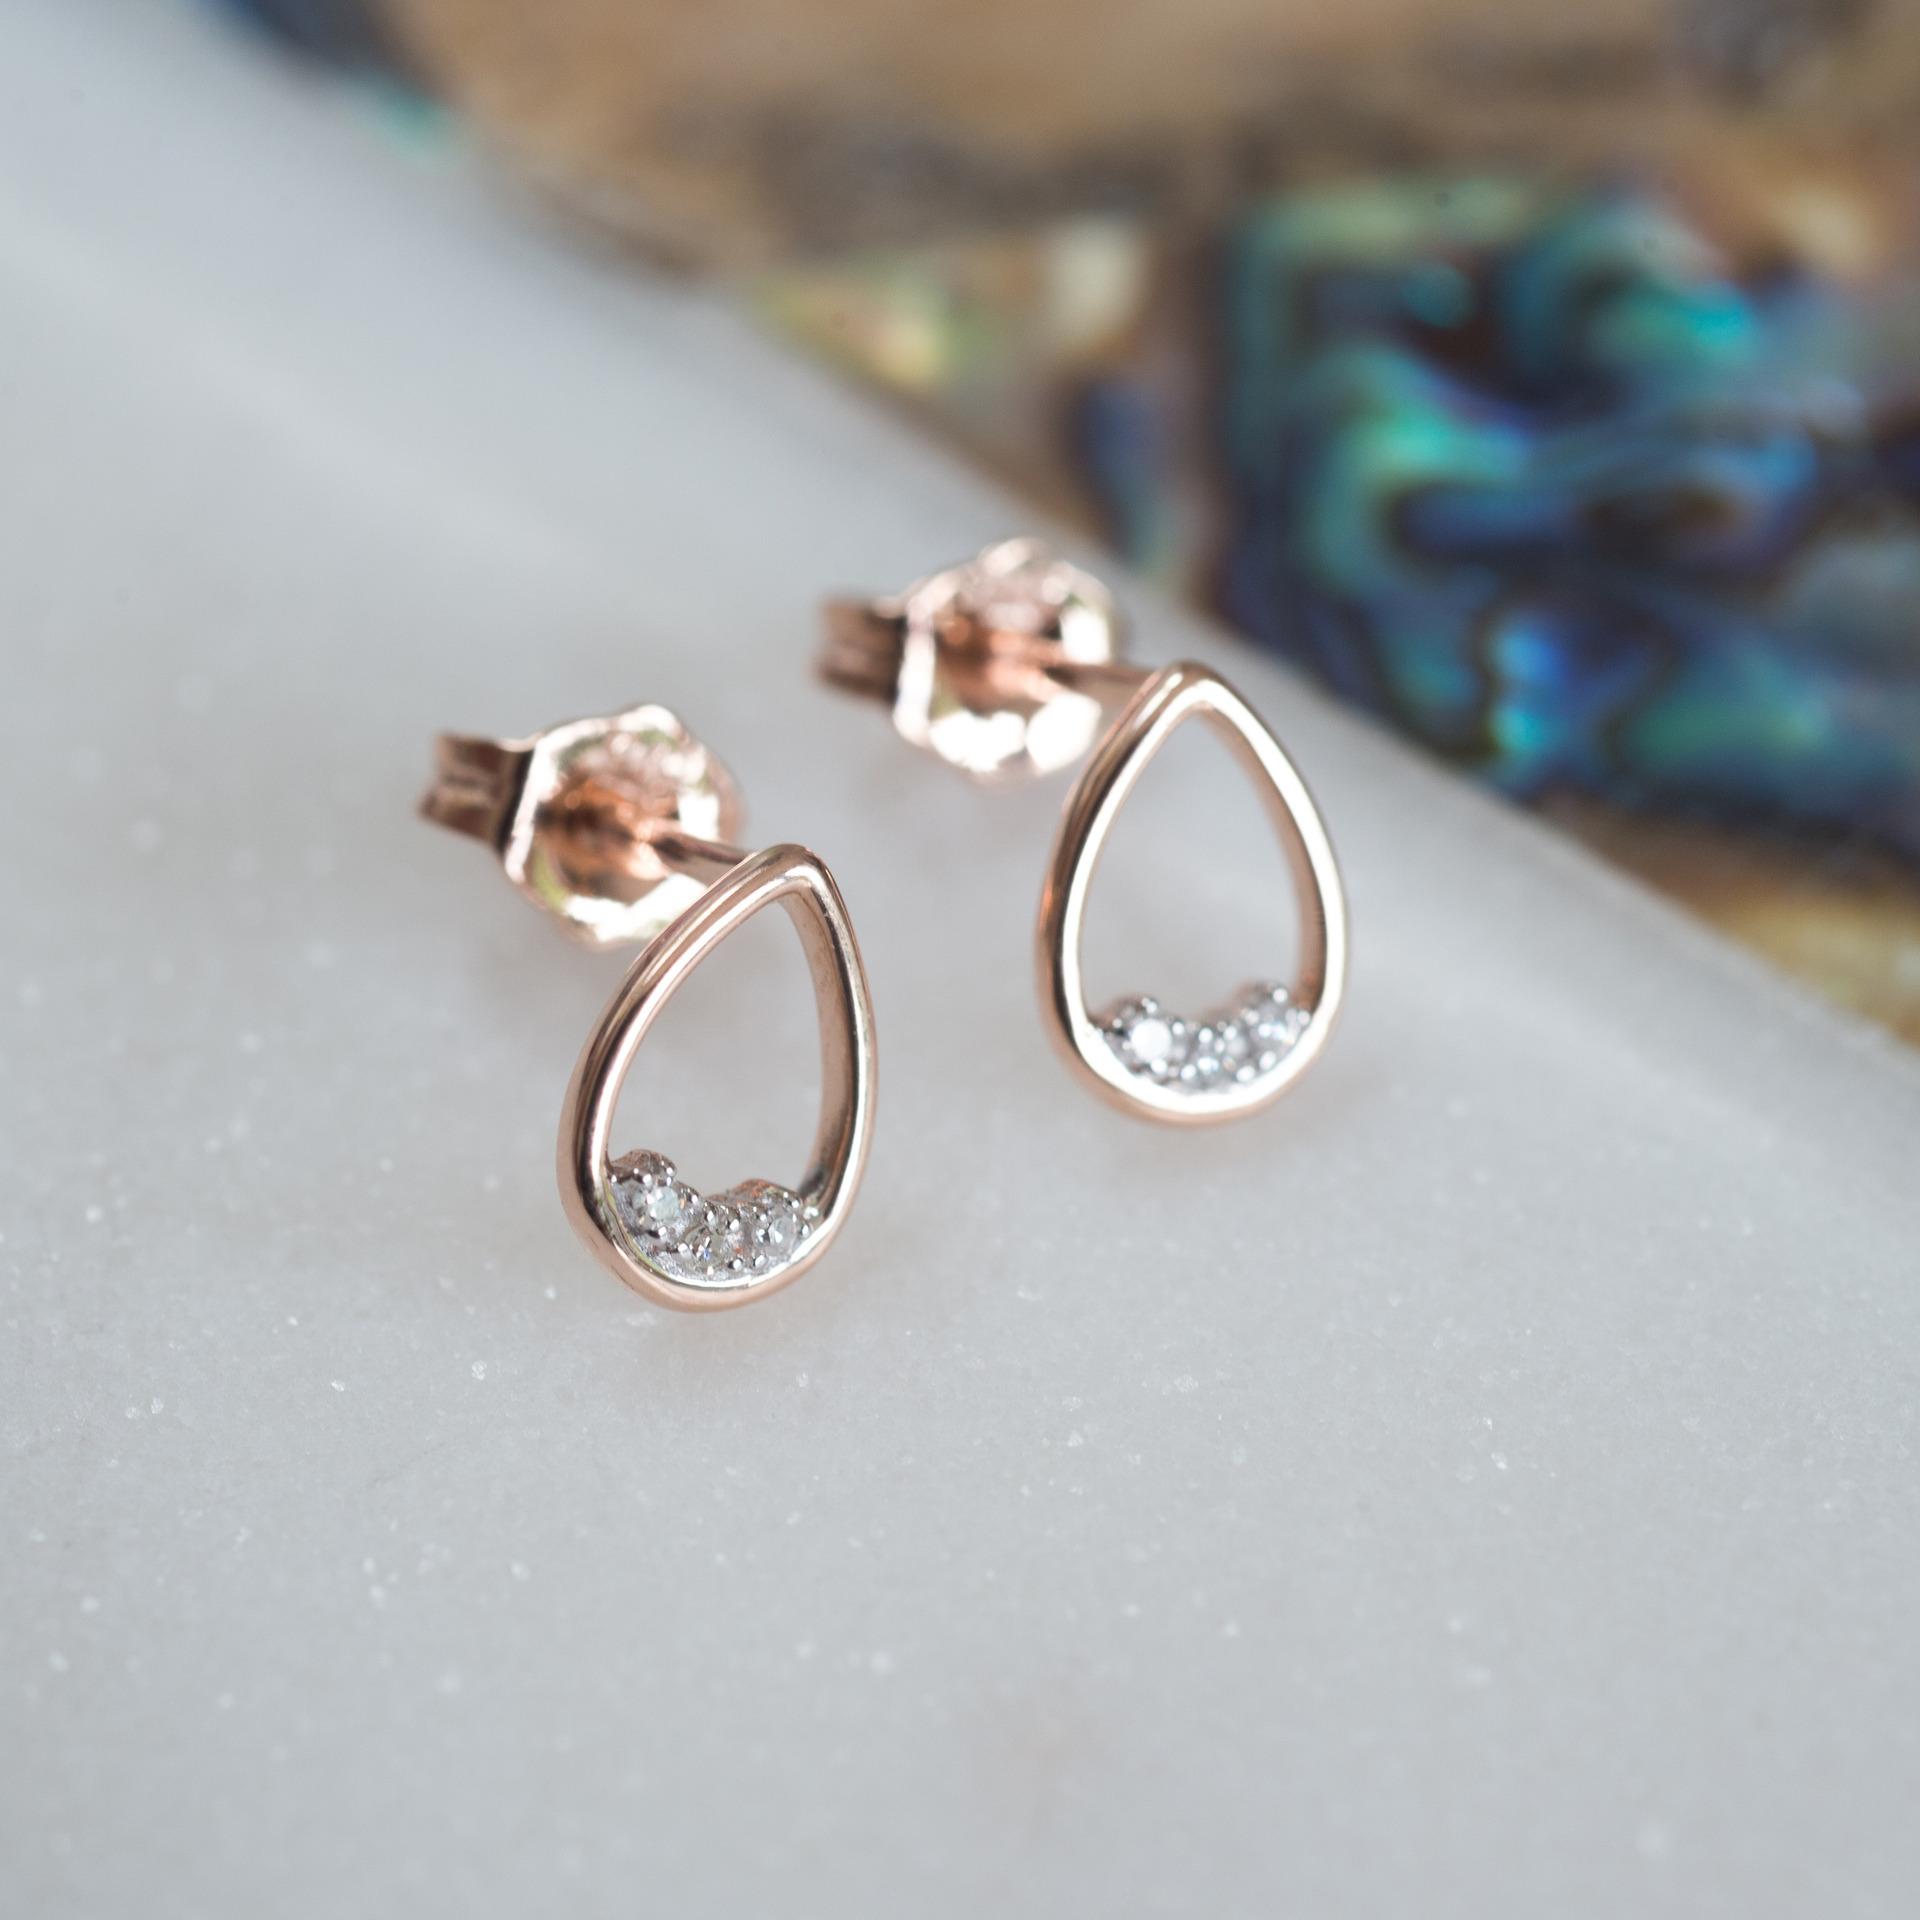 9K Rose Gold Teardrop Diamond Earring – All Kinds of Jewellery